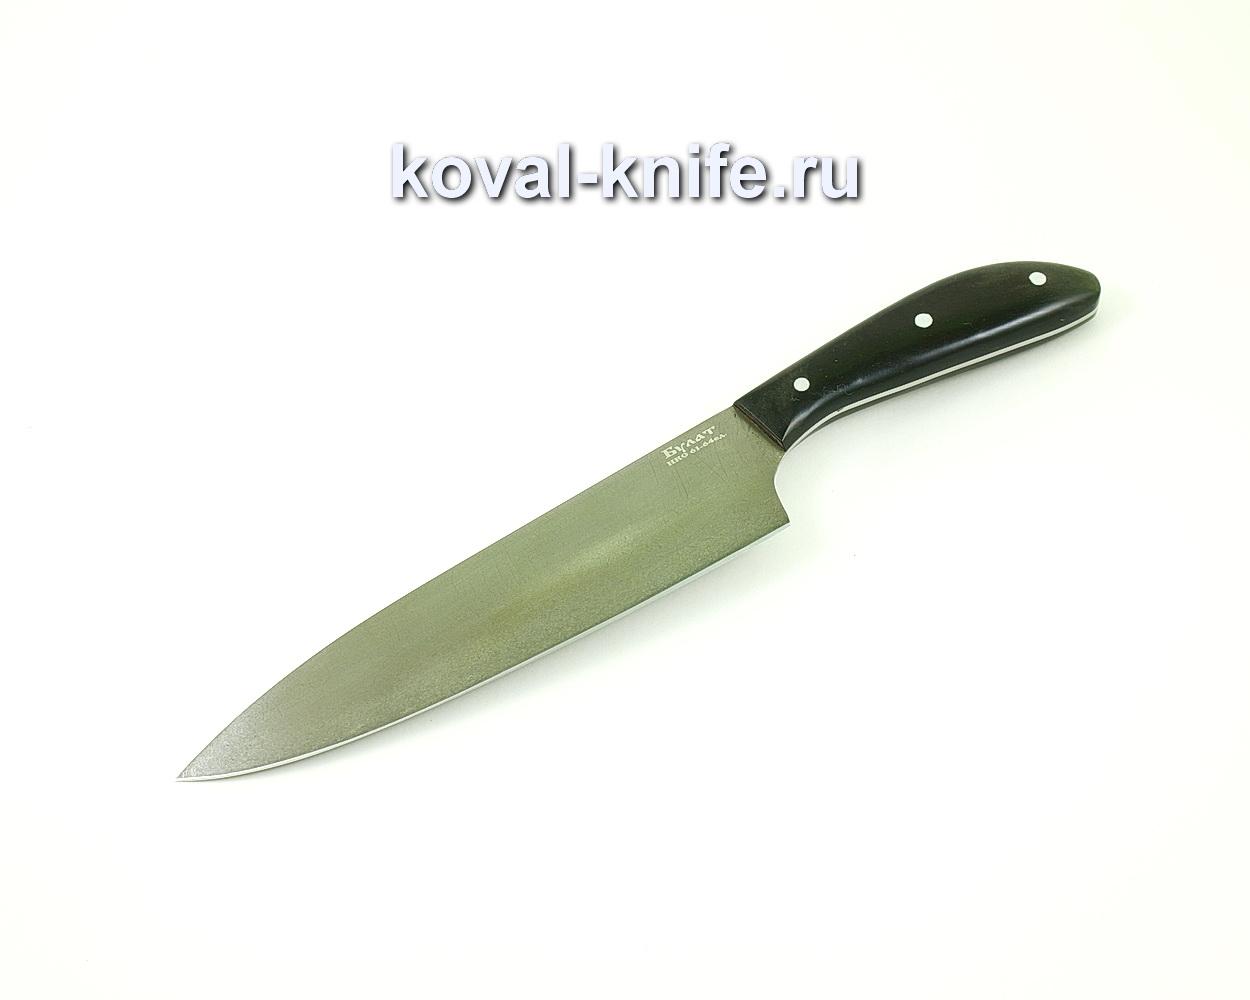 Нож из булатной стали Кухонный большой (Легированный булат, рукоять граб) A451